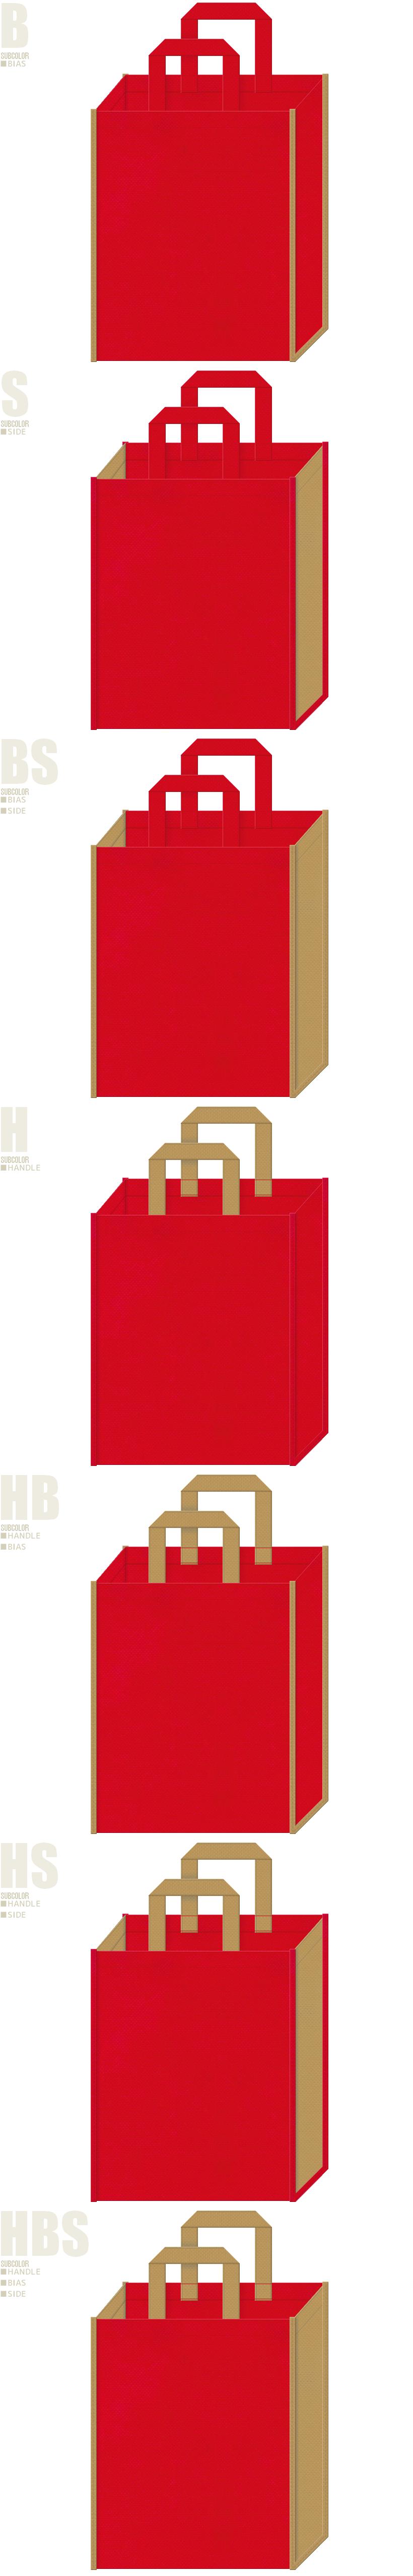 赤鬼・節分・大豆・一合枡・御輿・お祭り・和風催事・福袋にお奨めの不織布バッグデザイン:紅色と金黄土色の配色7パターン